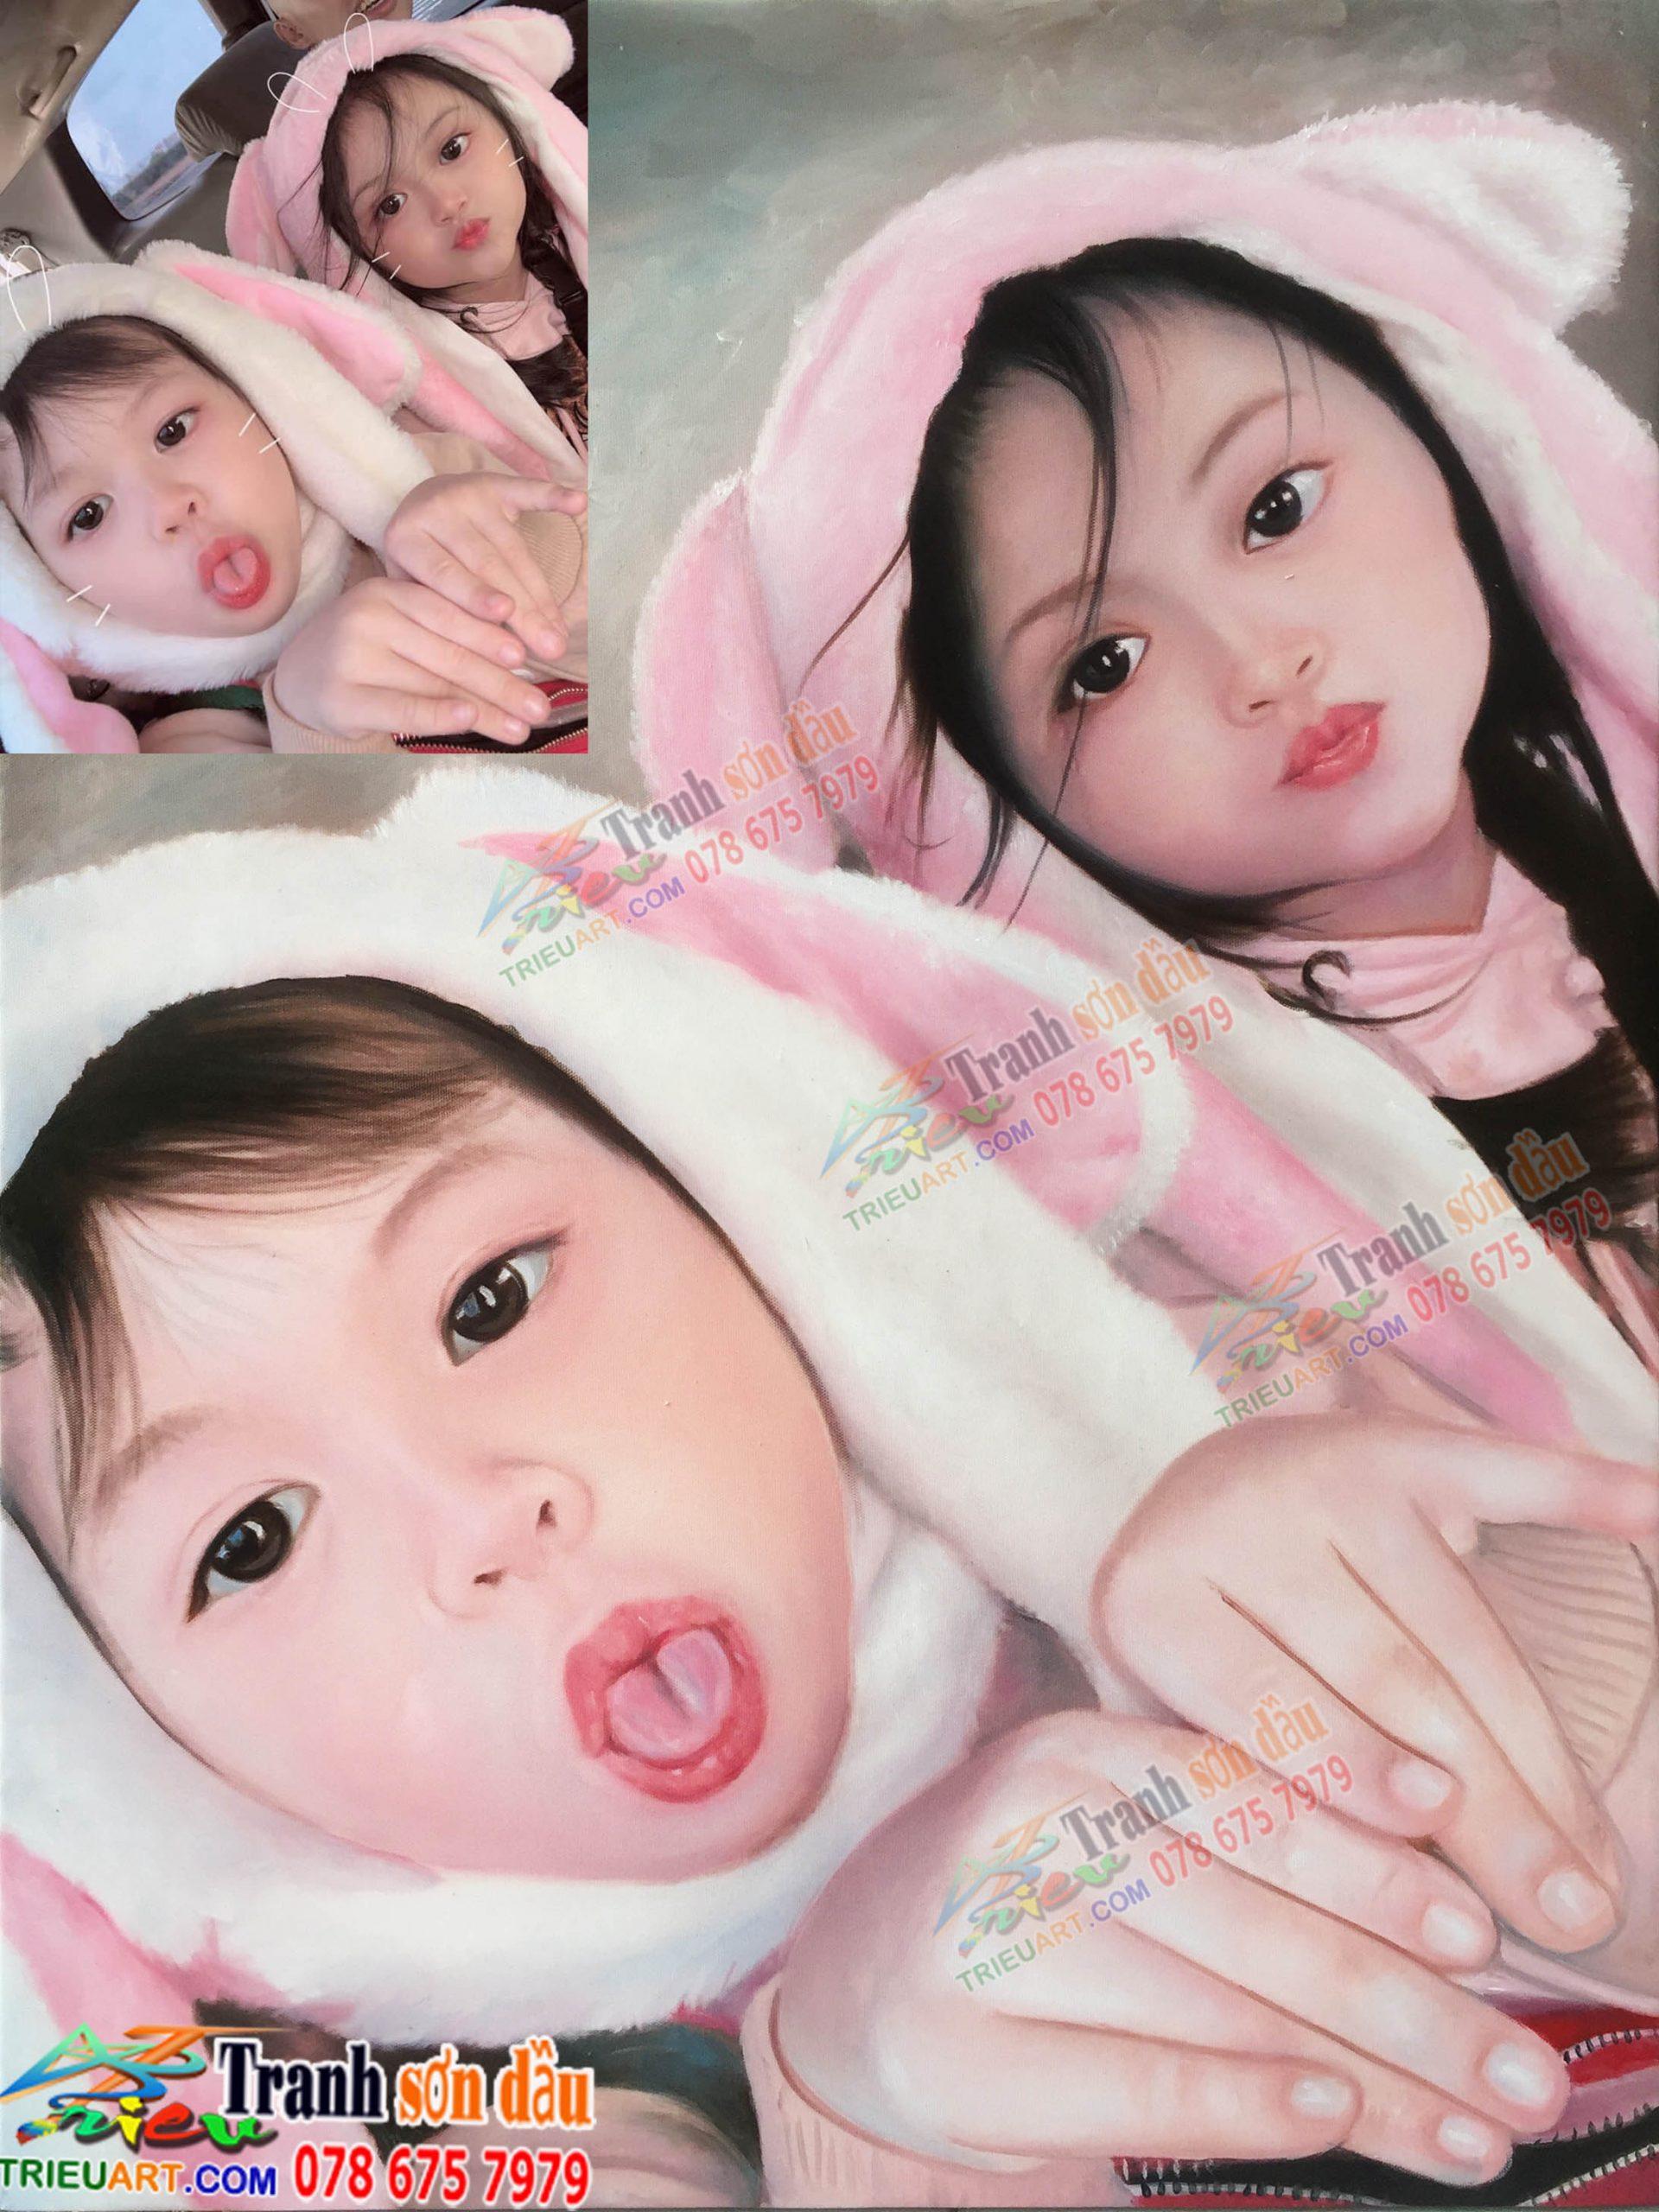 Vẽ chân dung sơn dầu tặng sinh nhật baby